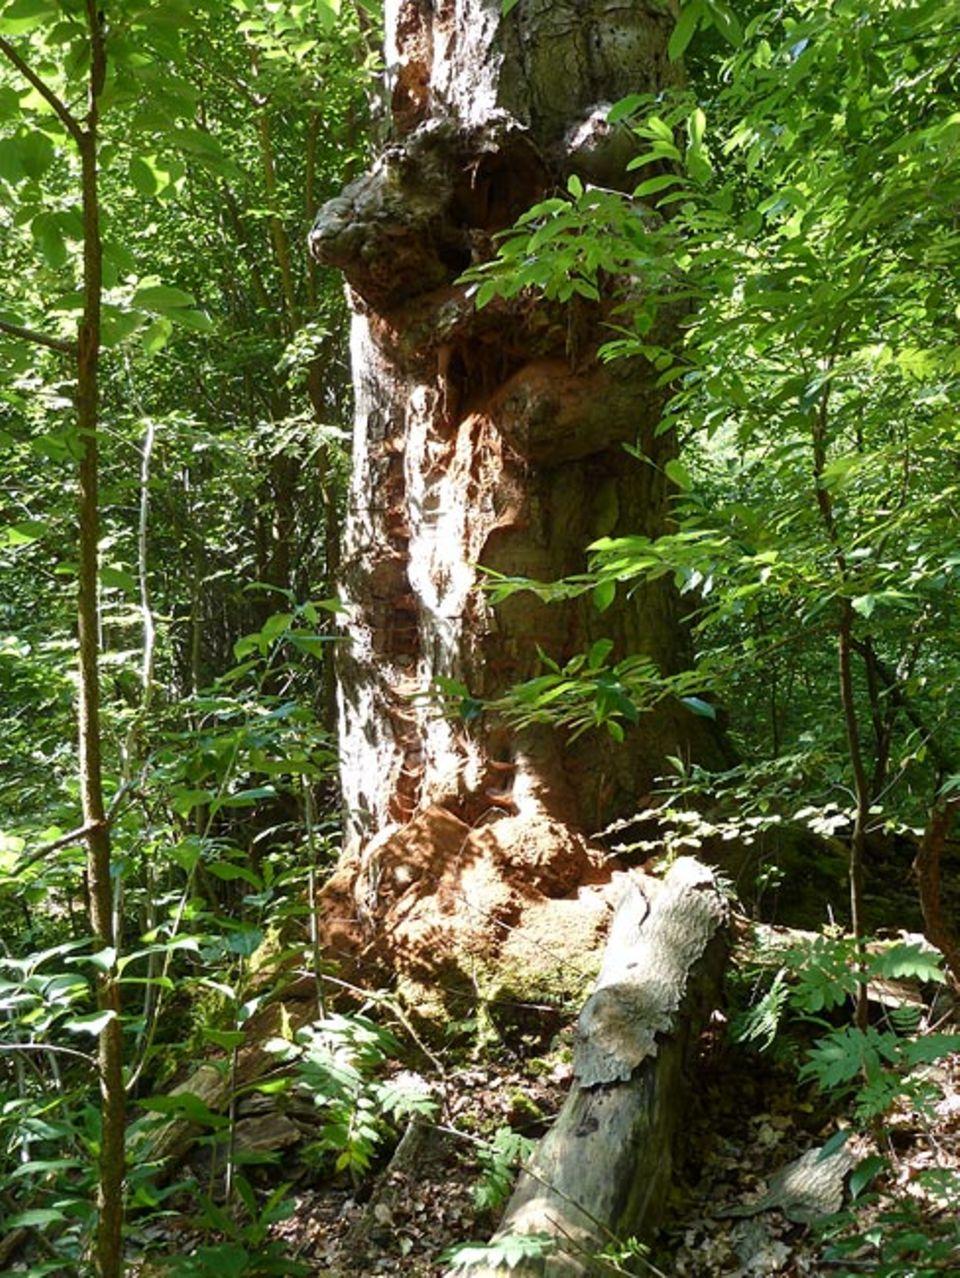 """Umweltpolitik: """"Sägemehl"""" am Fuß dieses toten Baumriesen zeugt von der Aktivität zahlloser Insekten und deren Larven"""